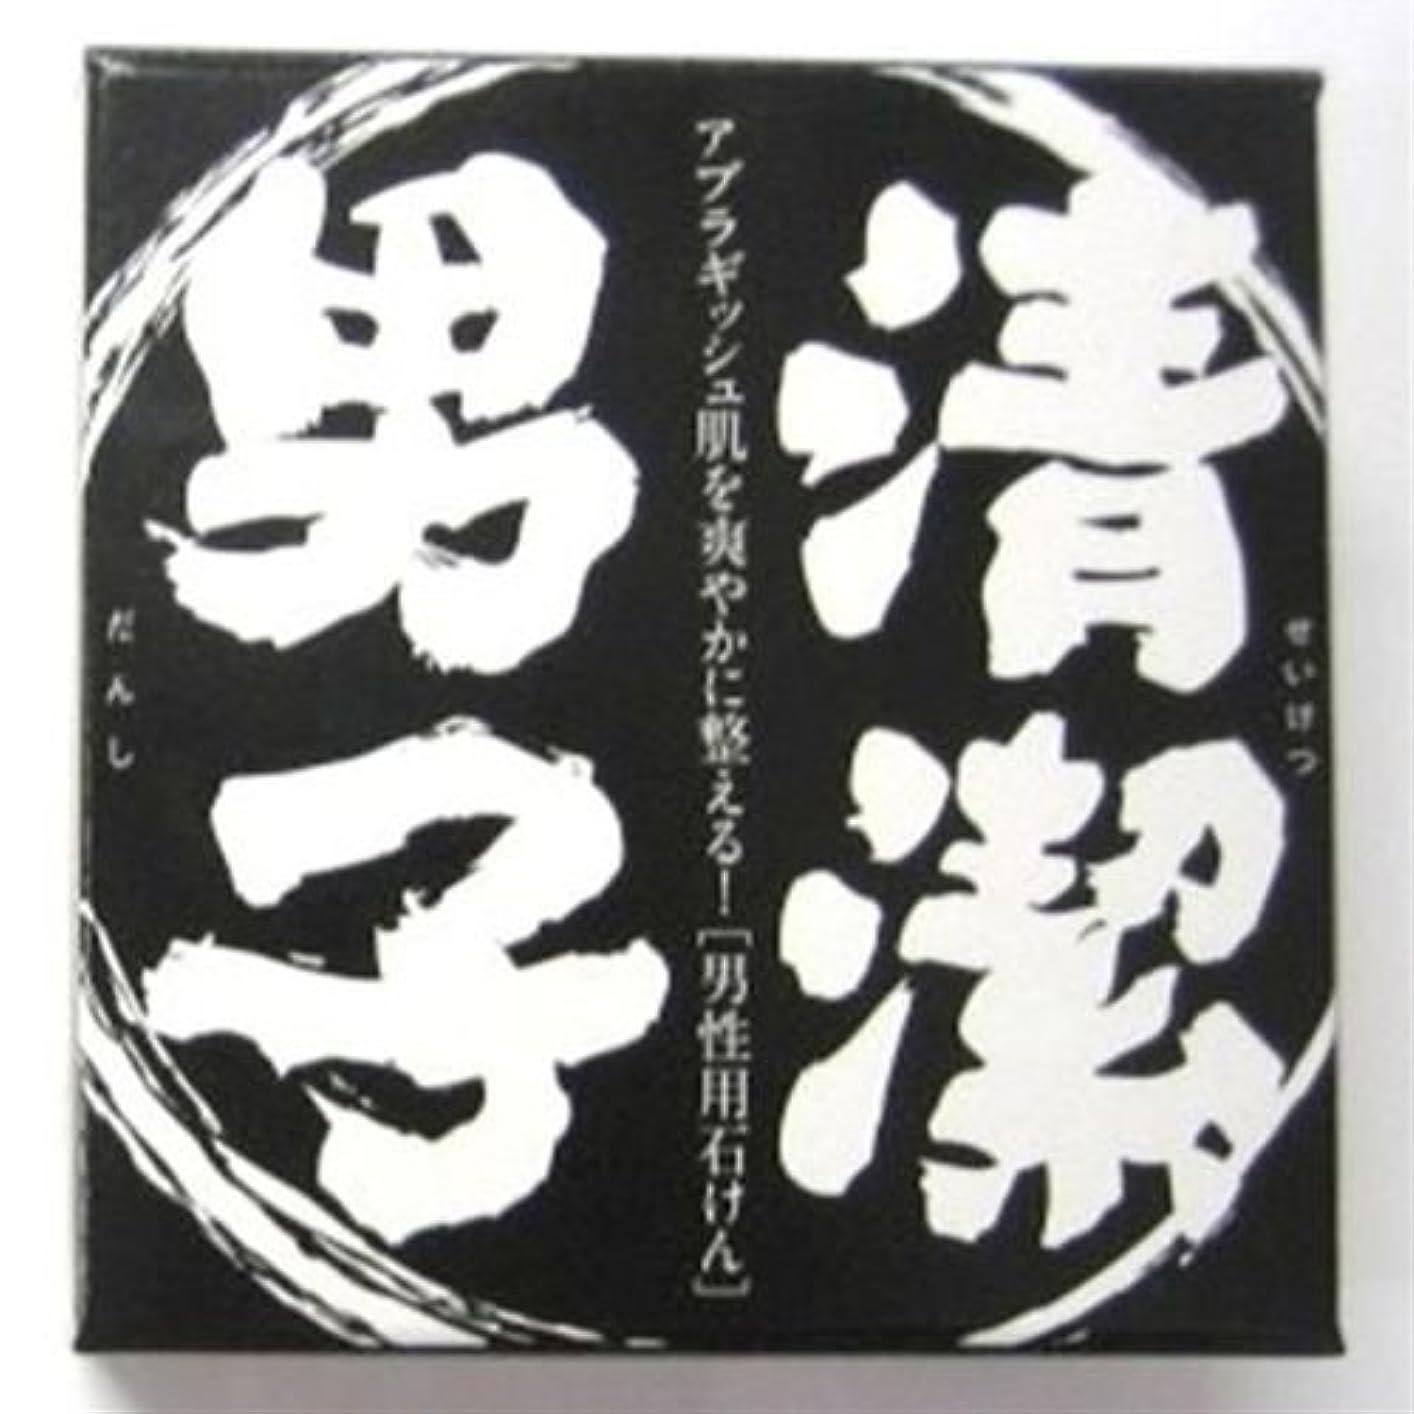 インスタント共和党タオルうにの尾塚水産 化粧石鹸 清潔男子 100g